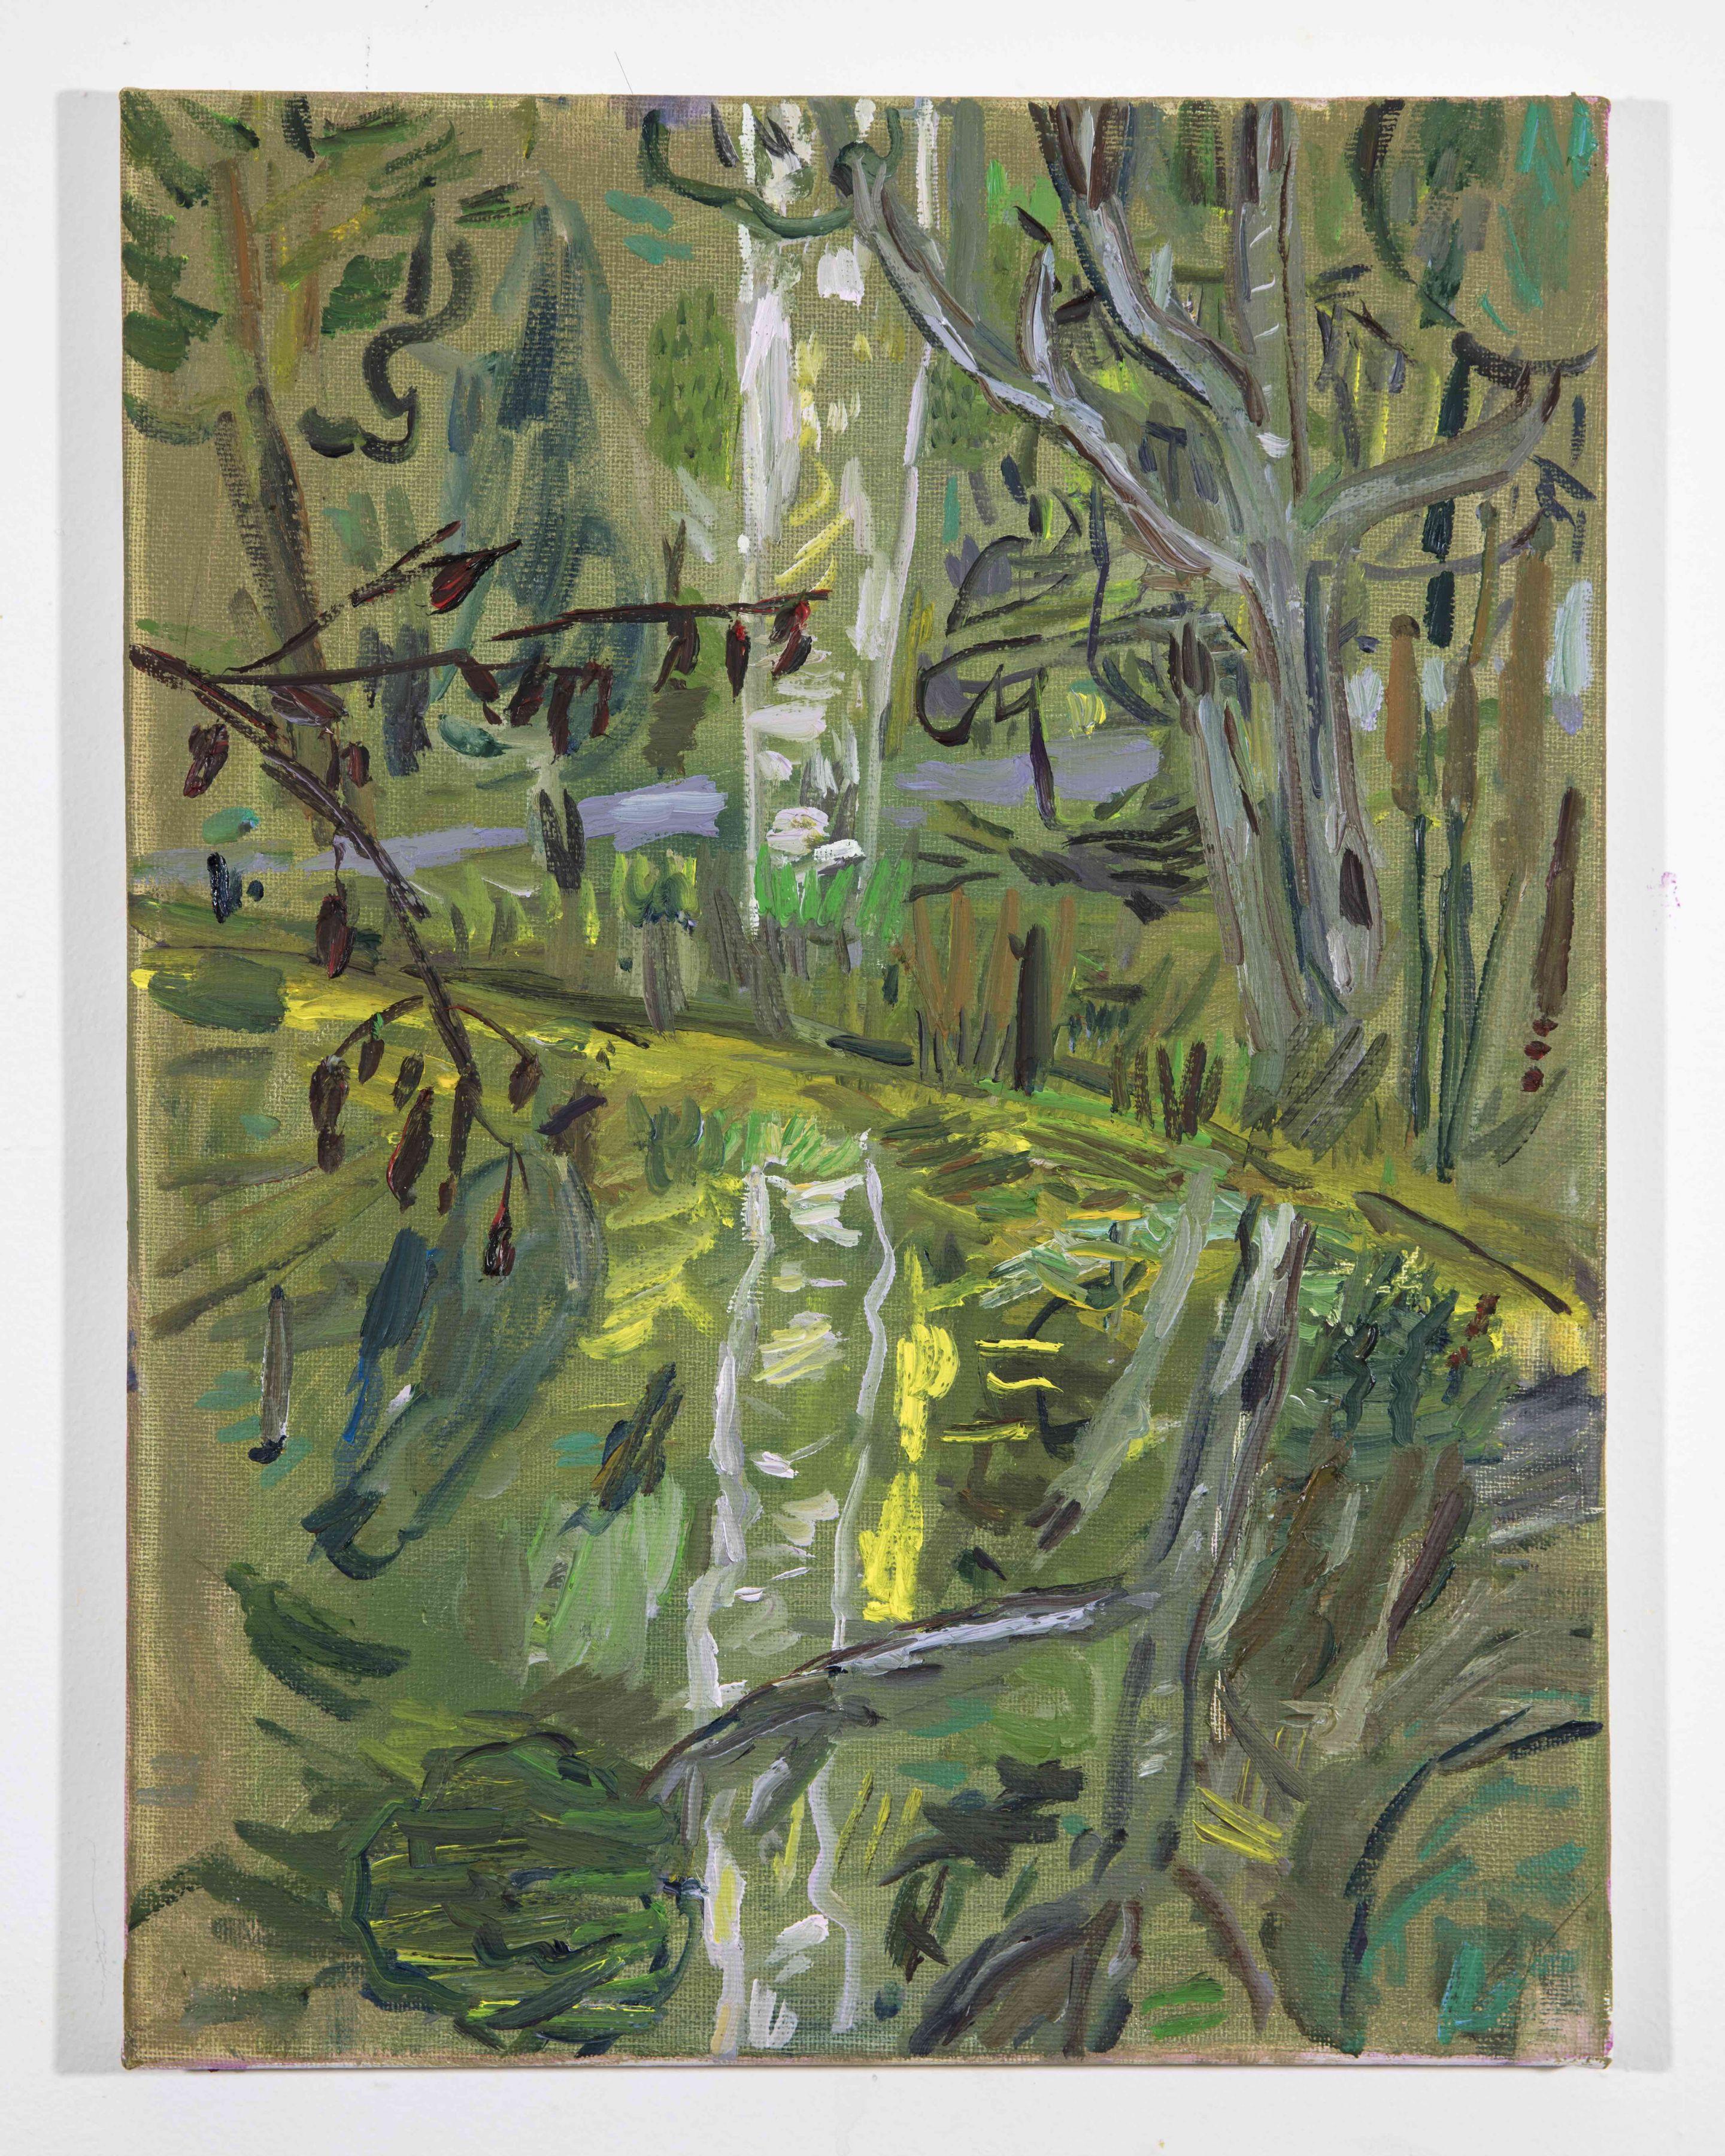 LISA SANDITZ, Landscape Color Study 10, 2019